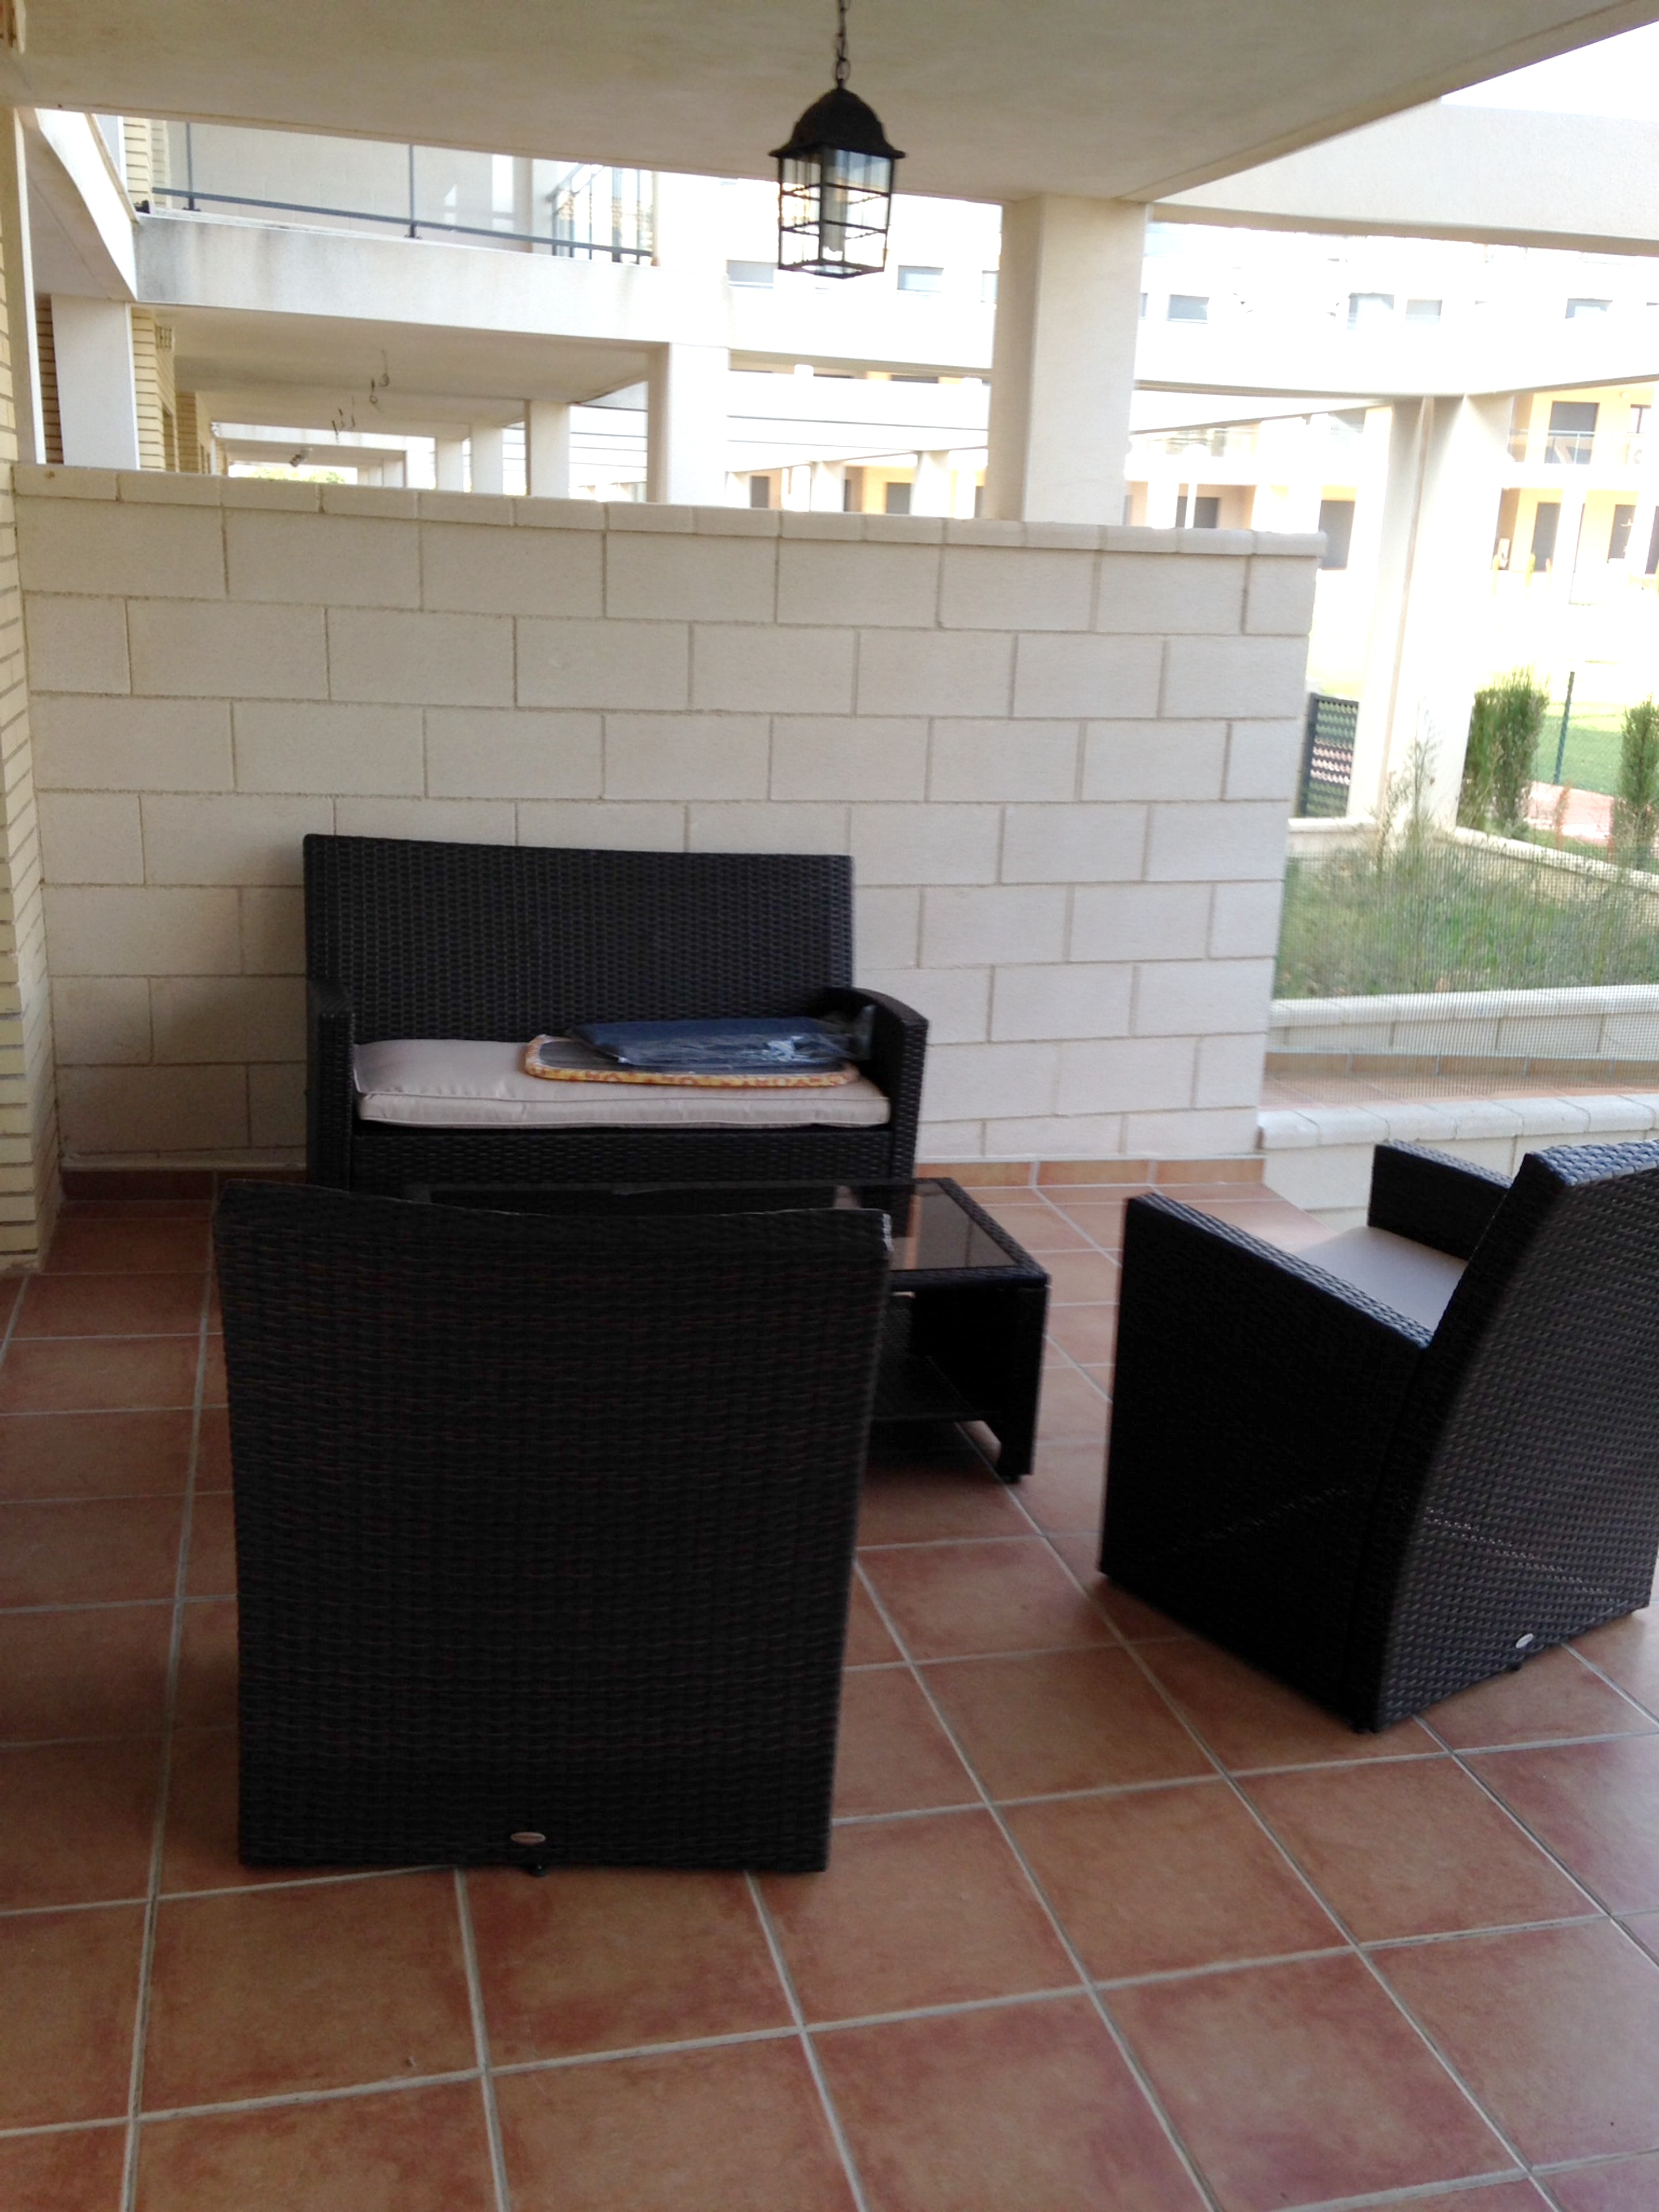 Ferienwohnung Wohnung mit 2 Schlafzimmern in San Jordi mit Pool, möblierter Terrasse und W-LAN - 25 km v (2218181), San Jorge, Provinz Castellón, Valencia, Spanien, Bild 14